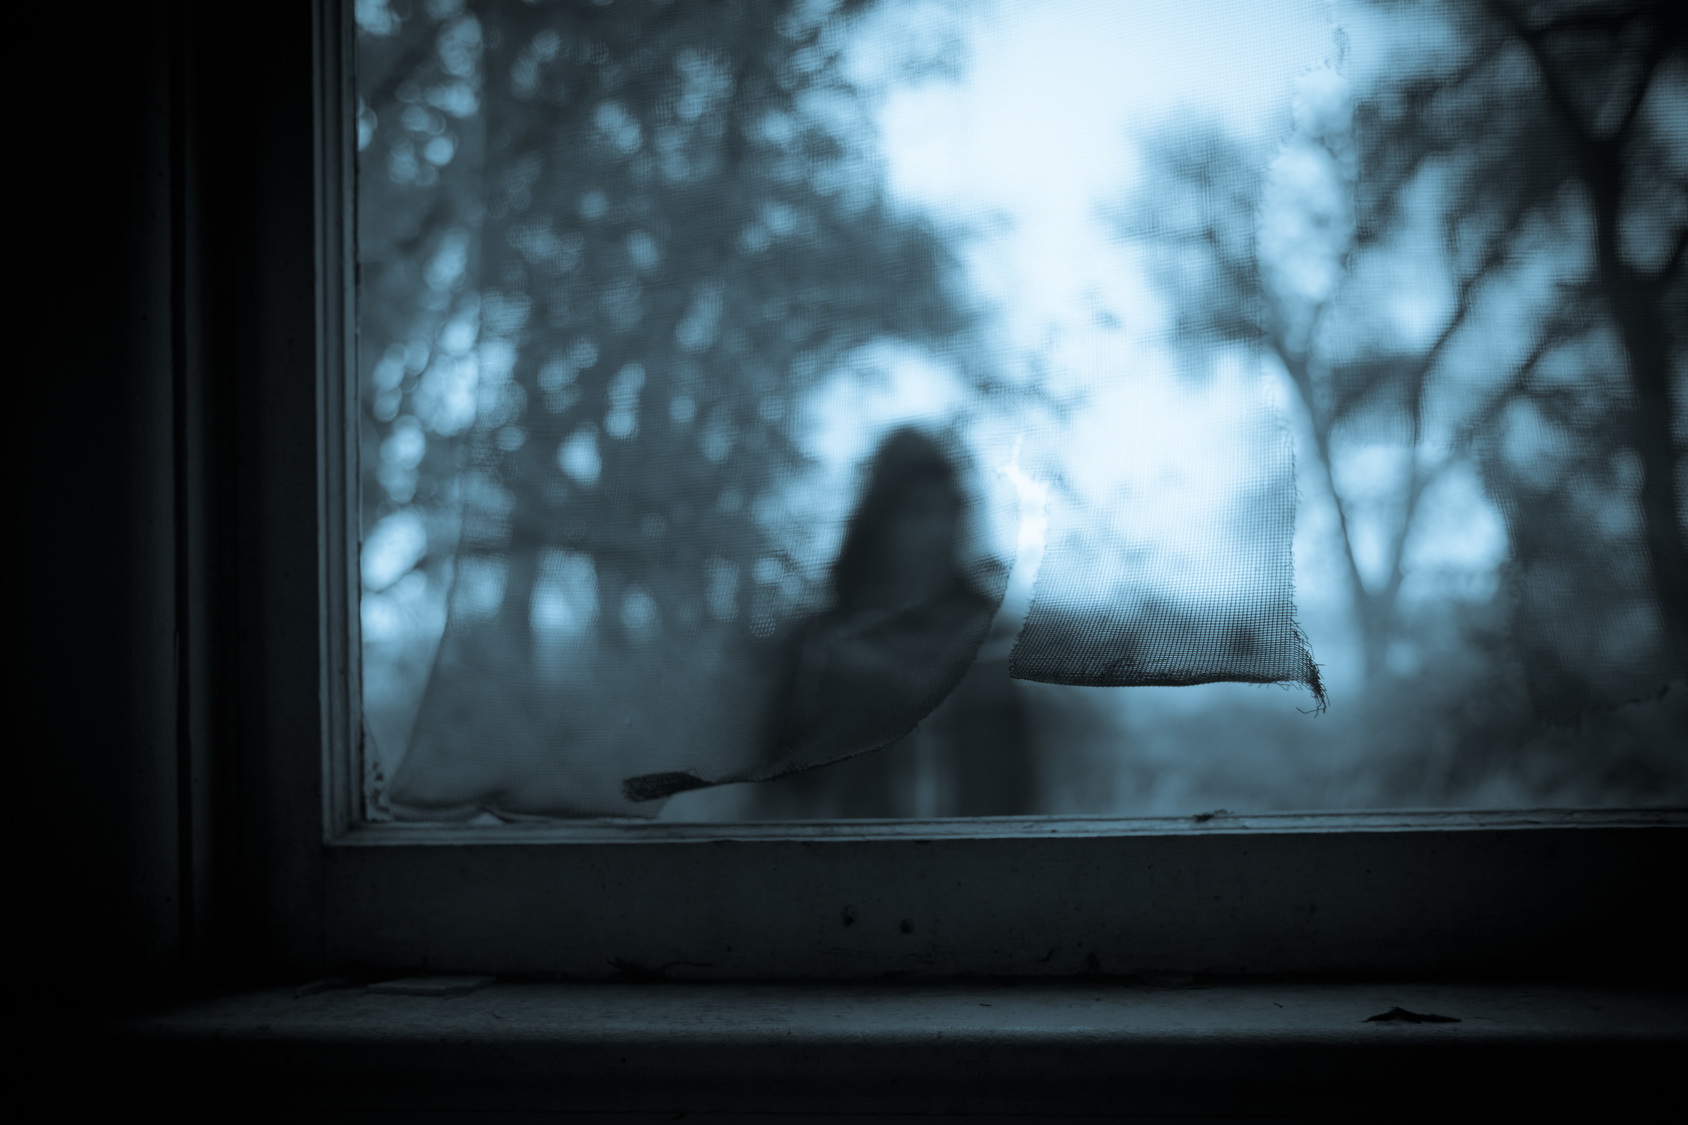 Pensamento #32 — Será que é um fantasma?